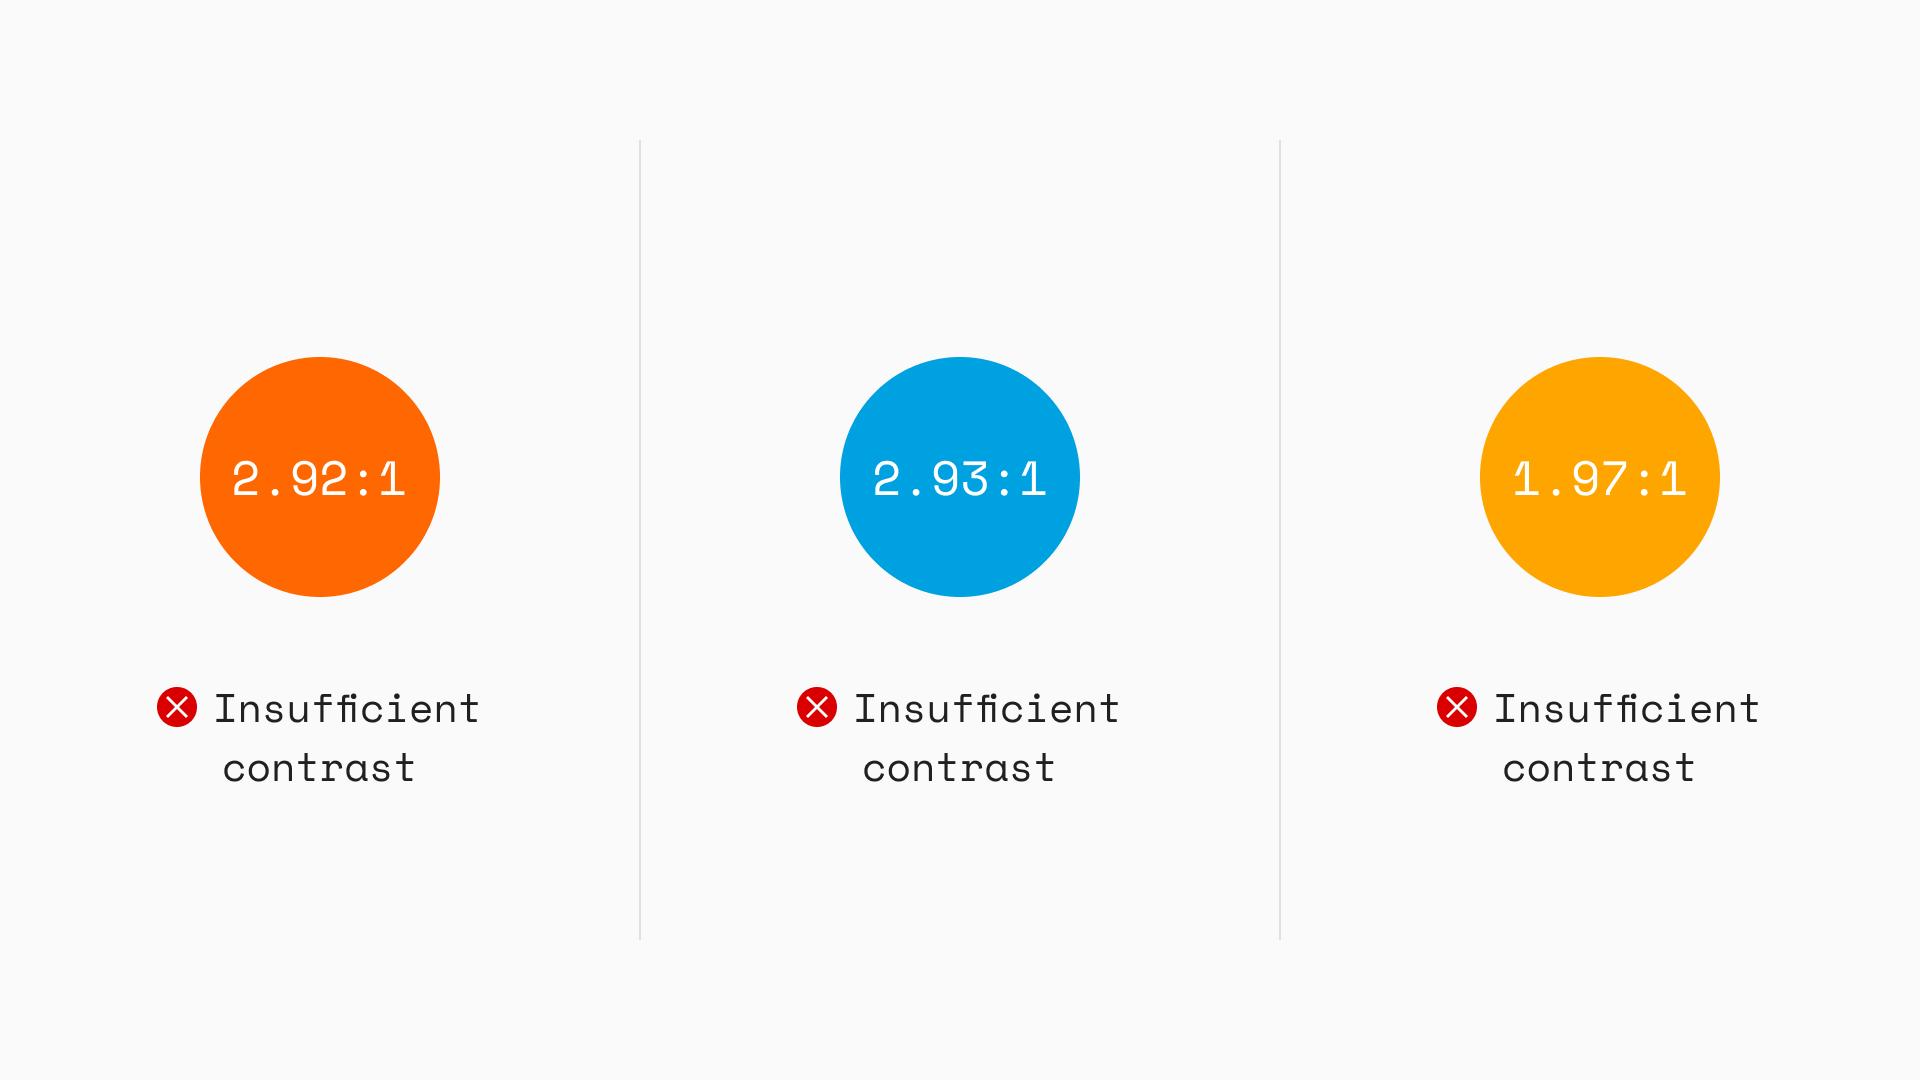 Kolme esimerkkiä tunnettujen brändien värikontrasteista, joista mikään ei täytä saavutettavuusvaatimuksia.